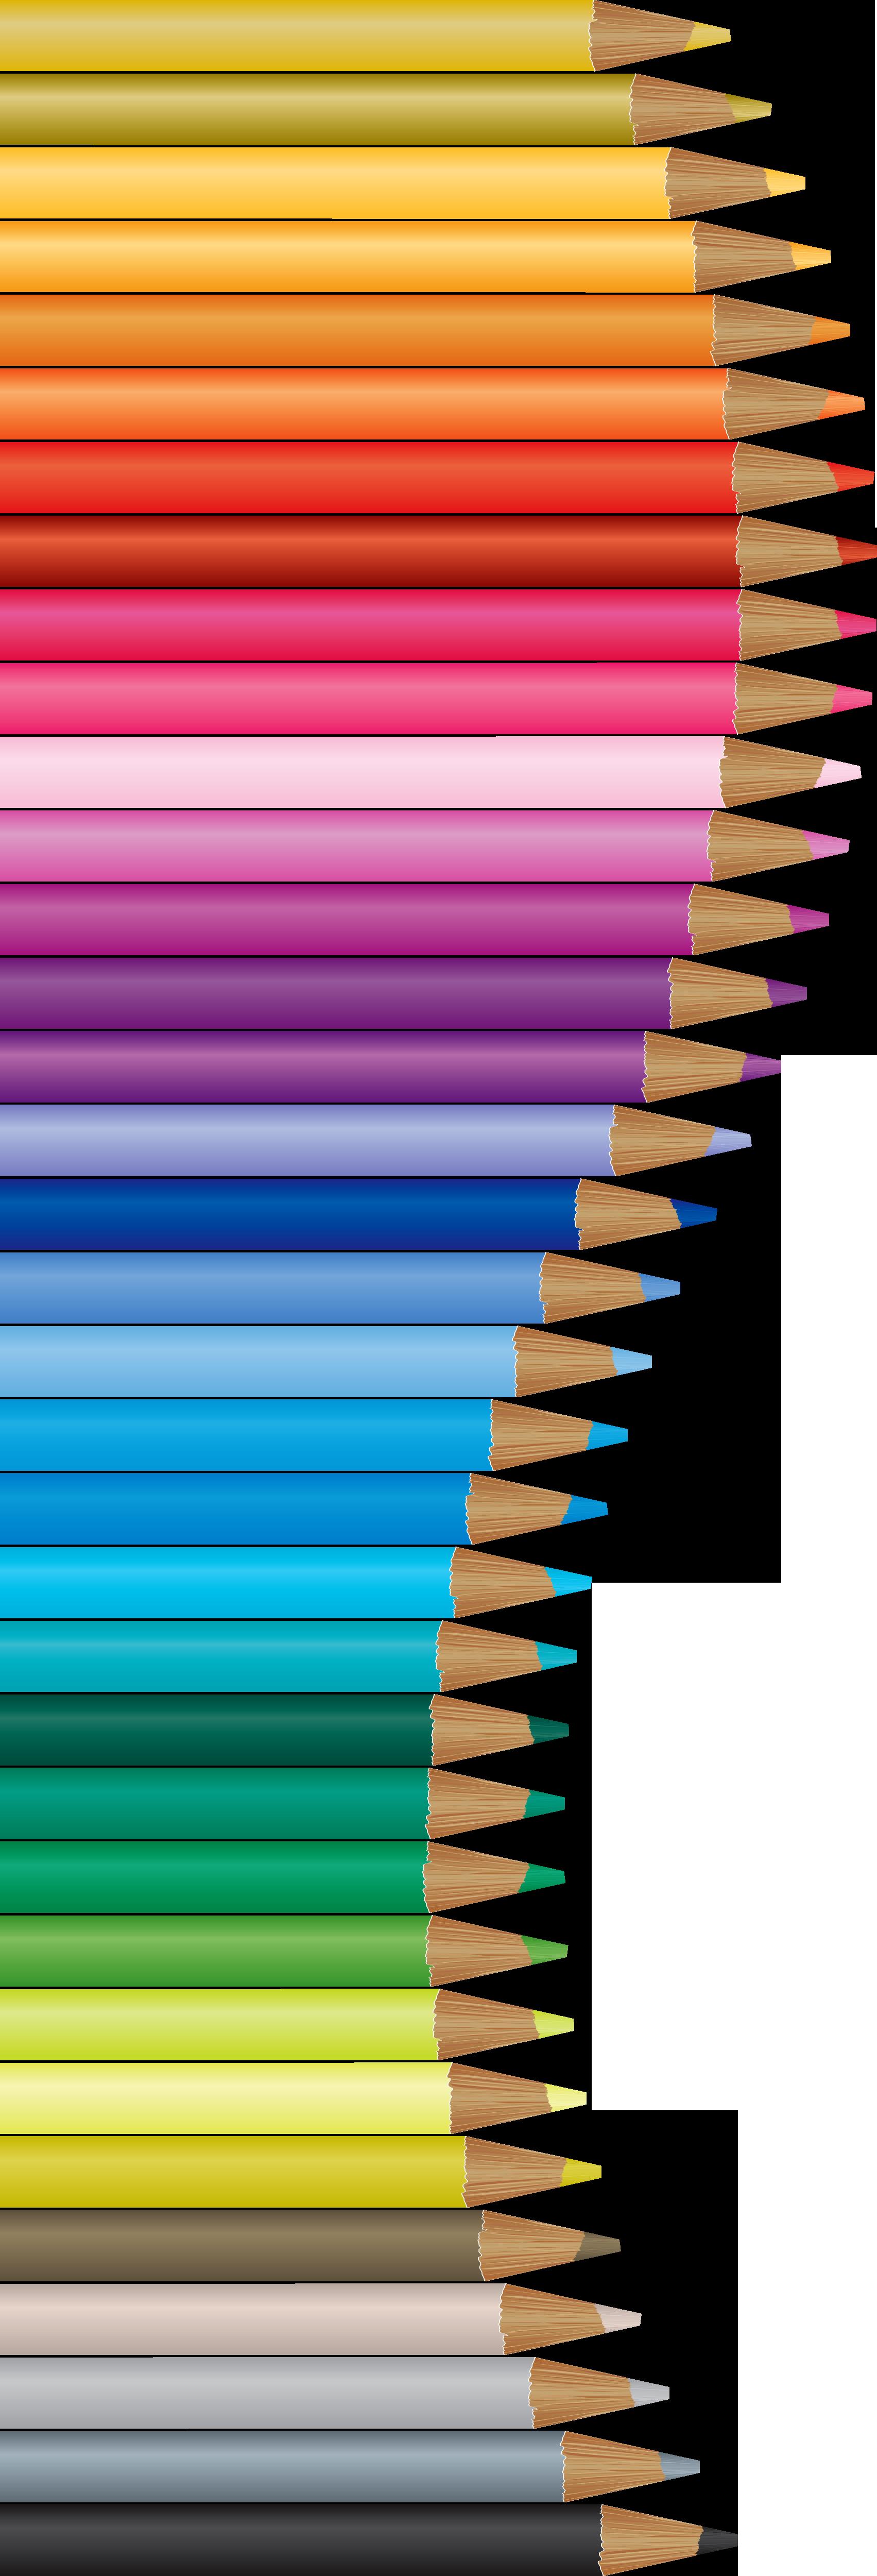 Handprint clipart colored pencil. Bordure crayons de couleurs